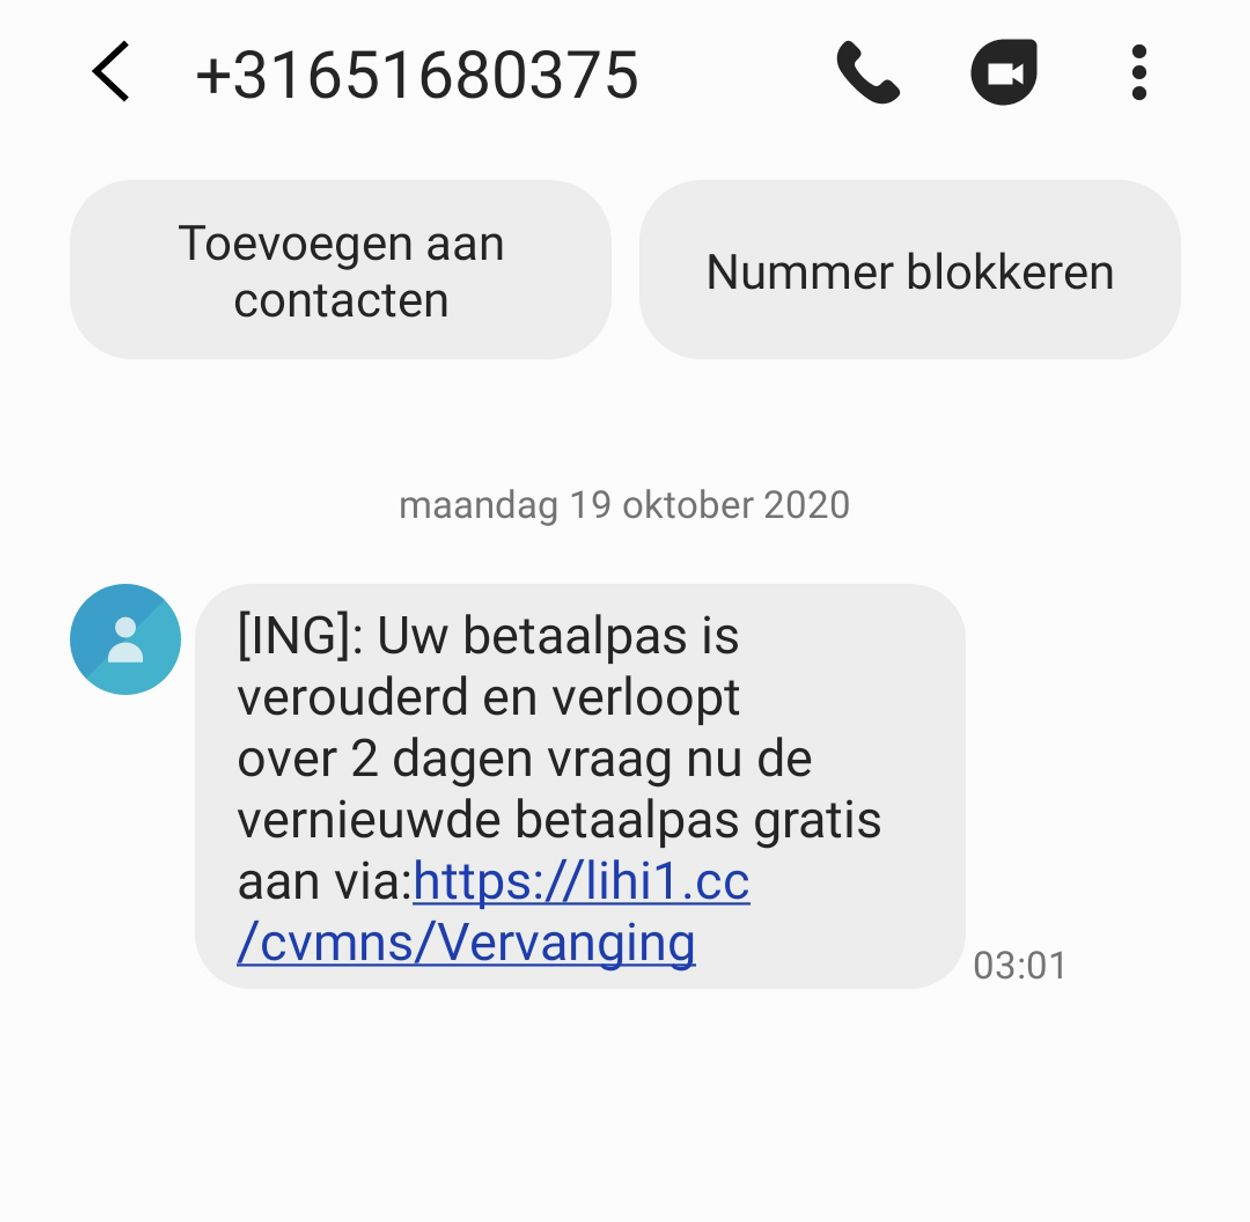 sms ing betaalpas verouderd